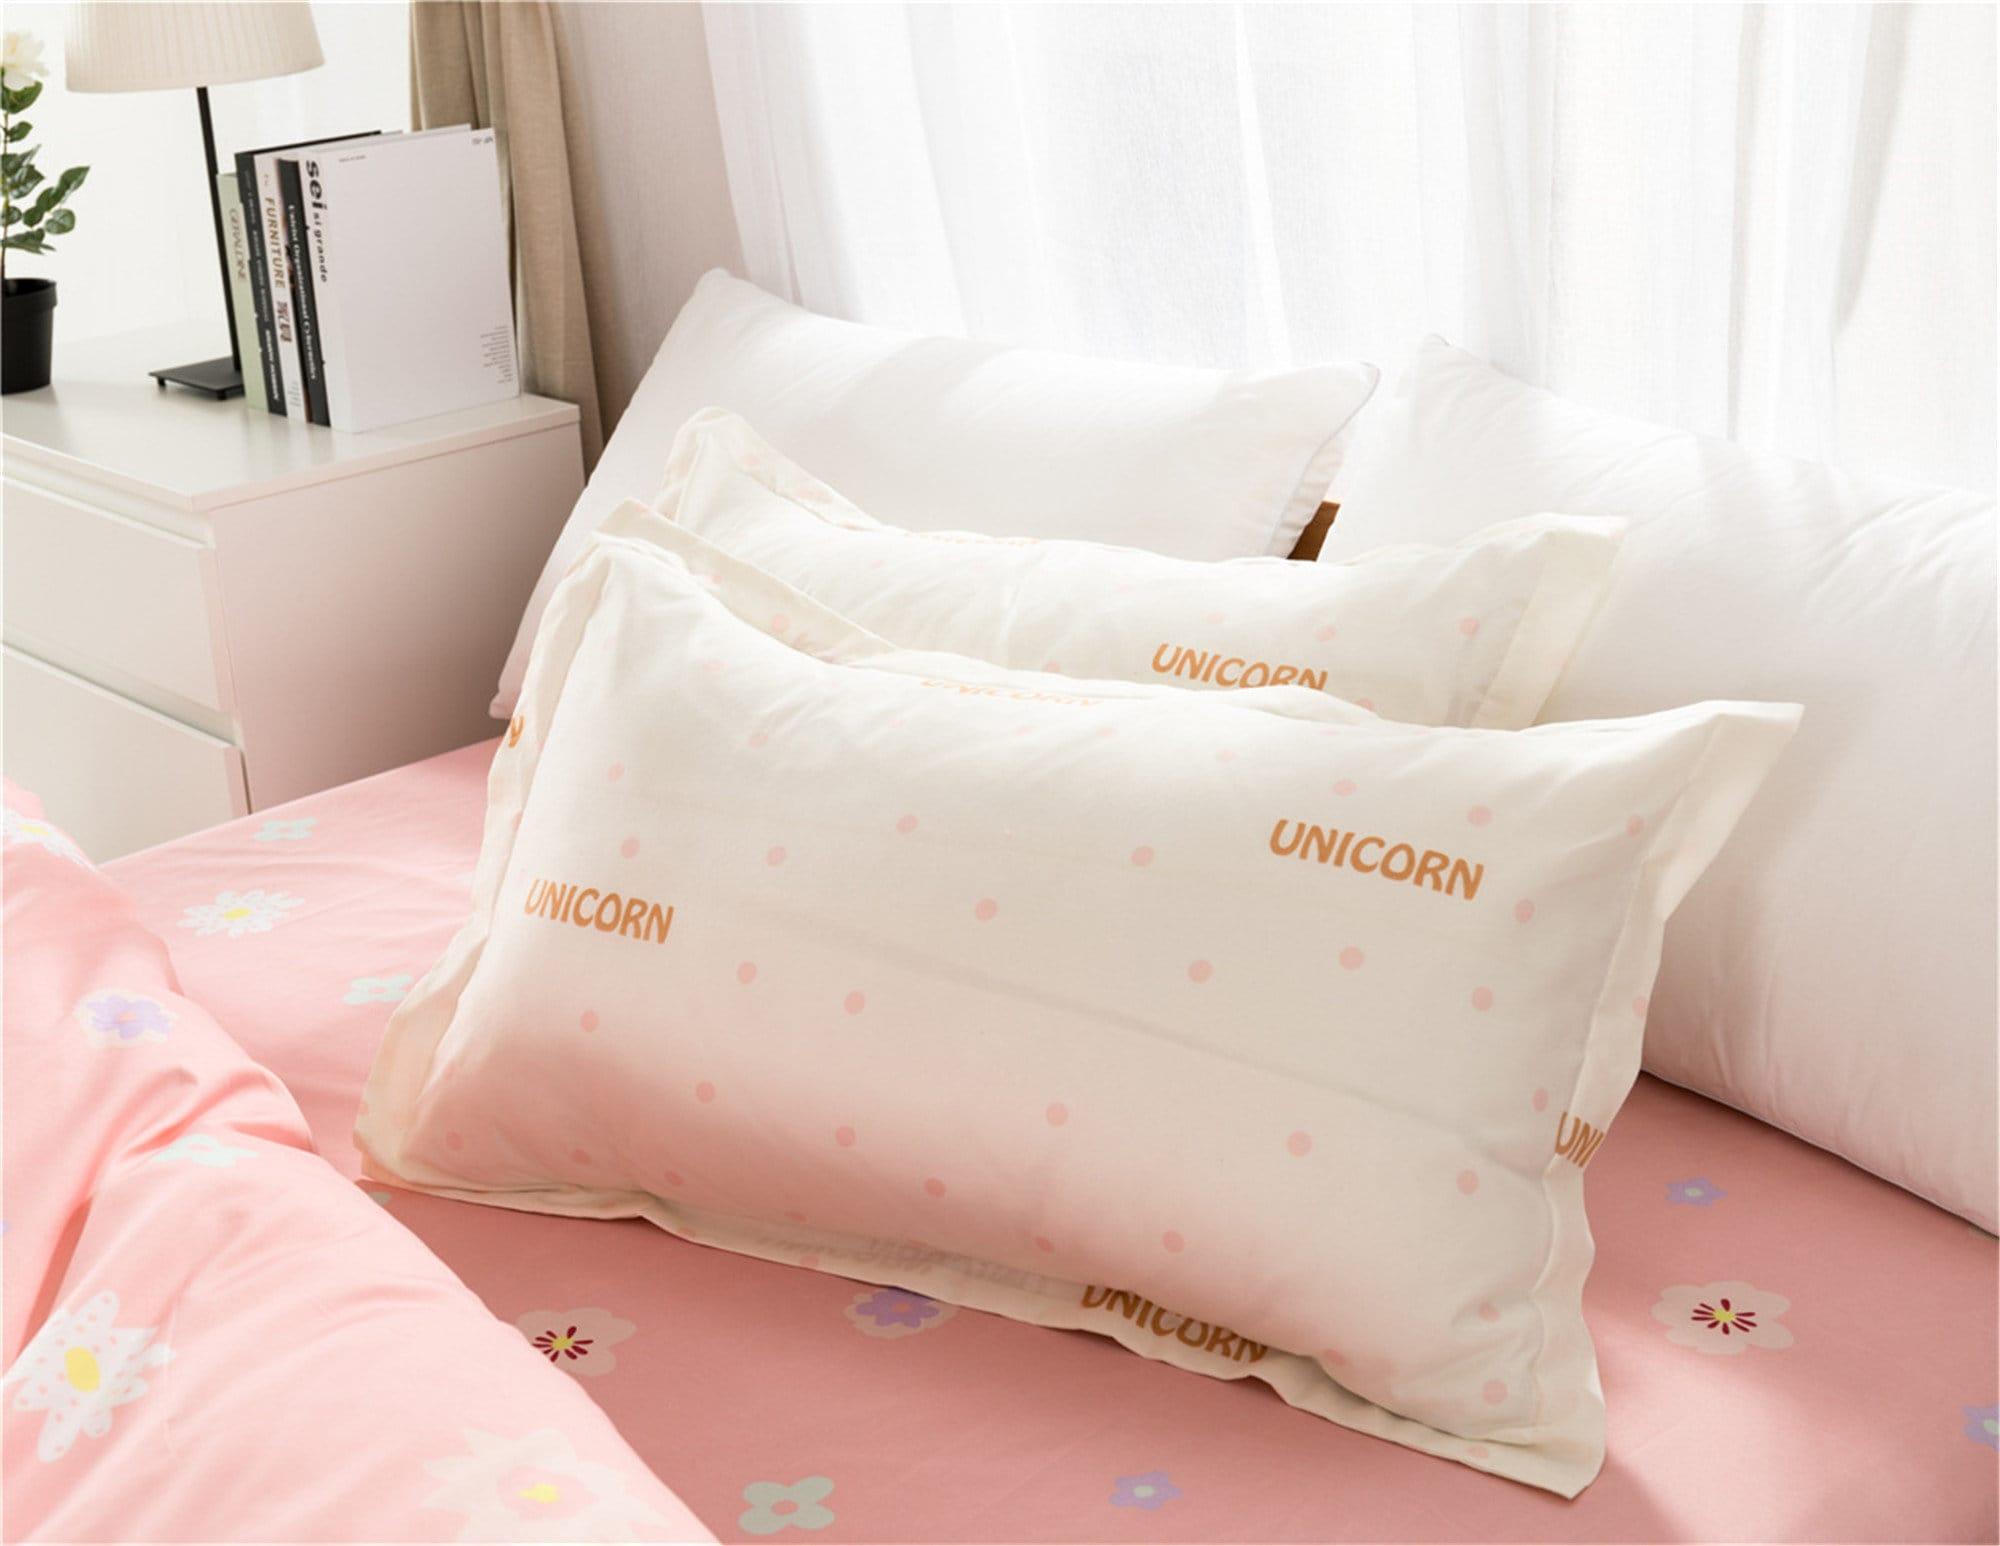 Duvet Cover Set Unicorn Bedding Set Girls Cute Bed Set Microfiber Duvet Cover Pillowcase Soft Breathable